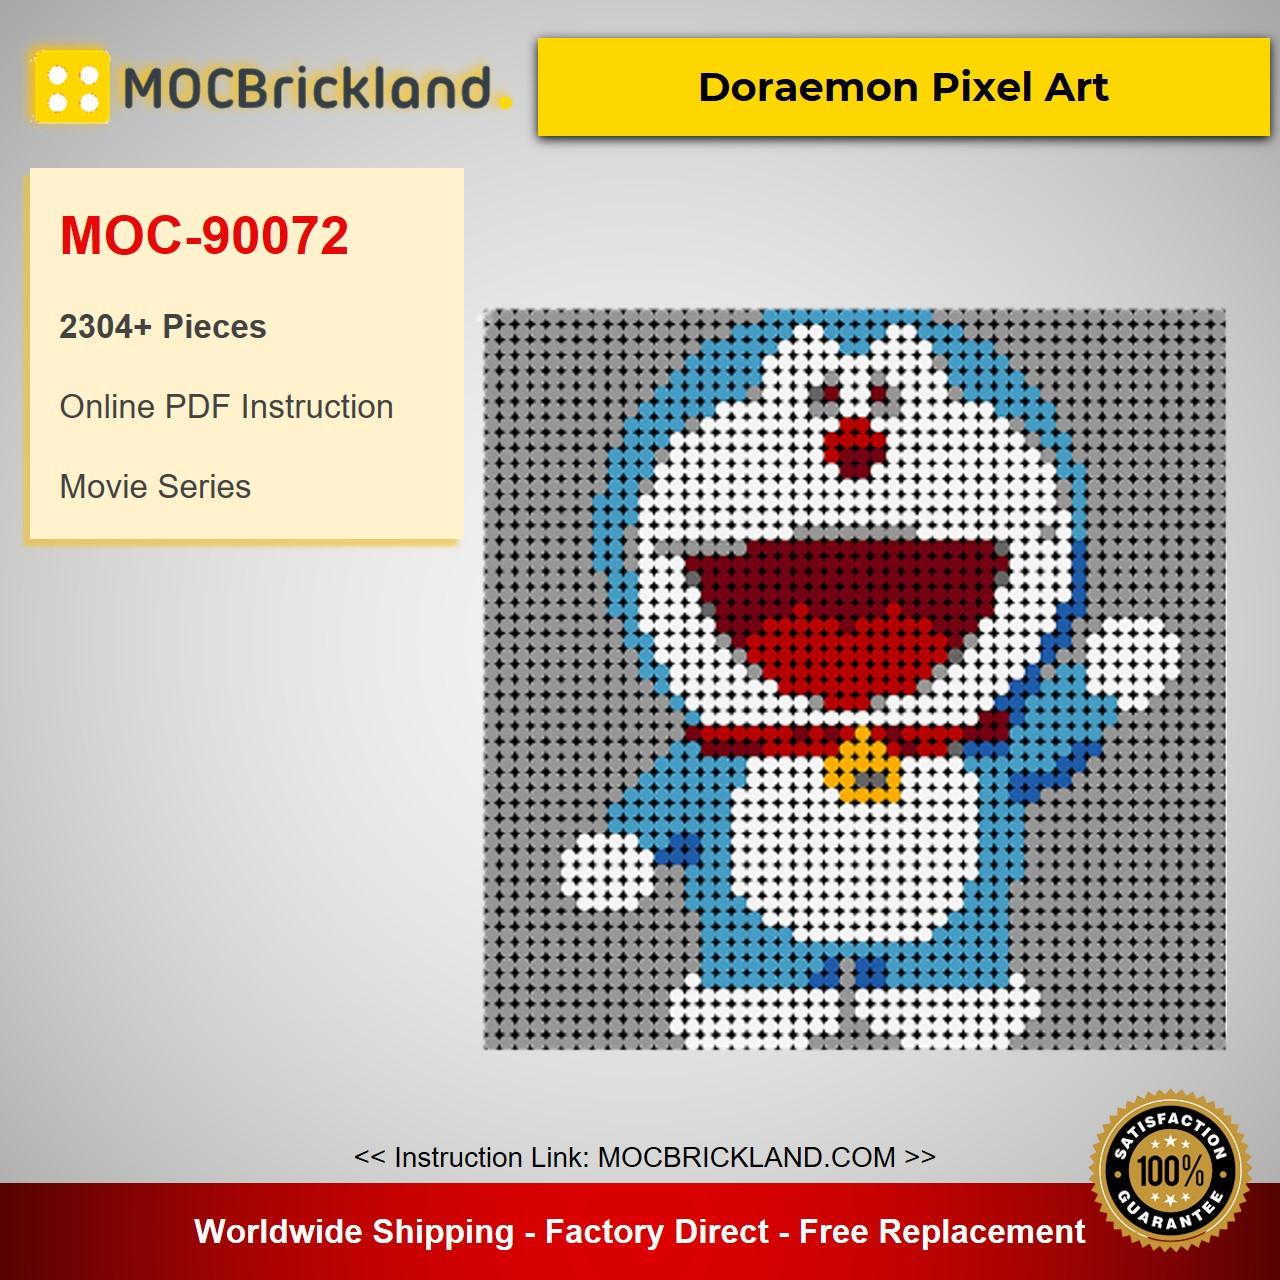 Doraemon Pixel Art MOC-90072 Movie With 2304 Pieces